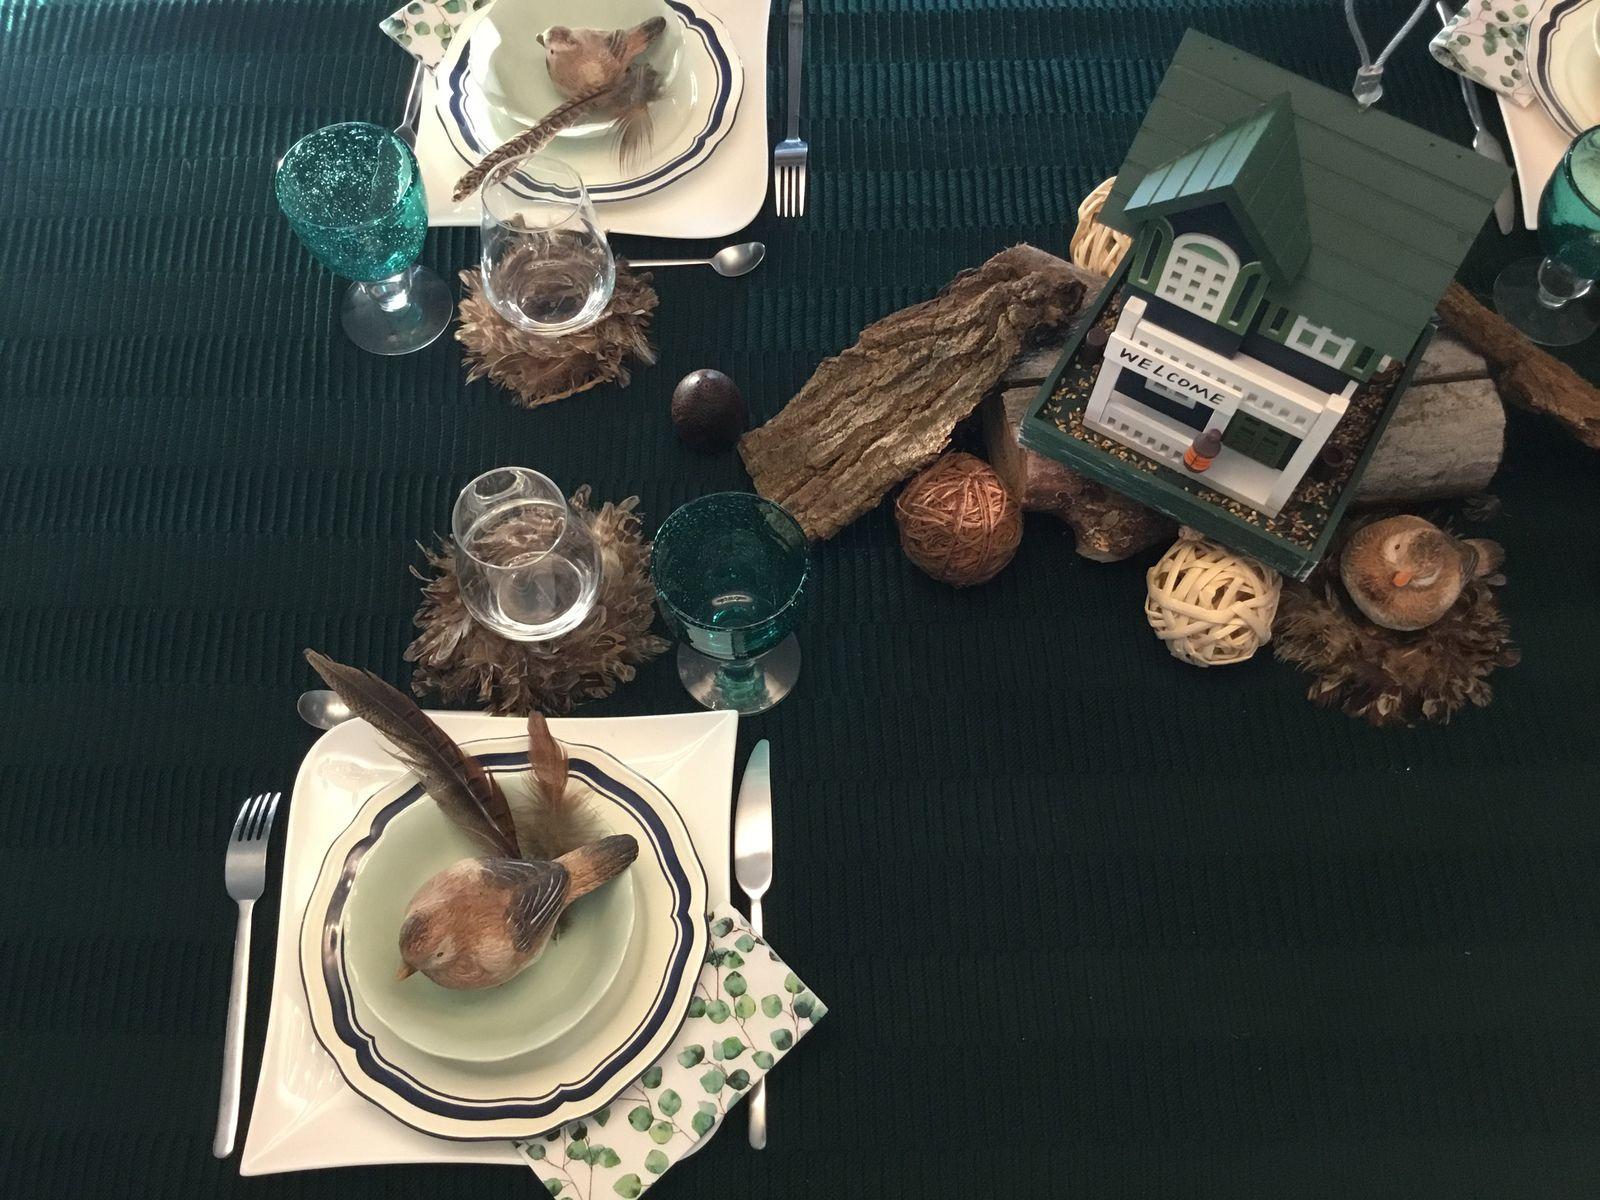 Restaurant gastronomique pour...oiseaux